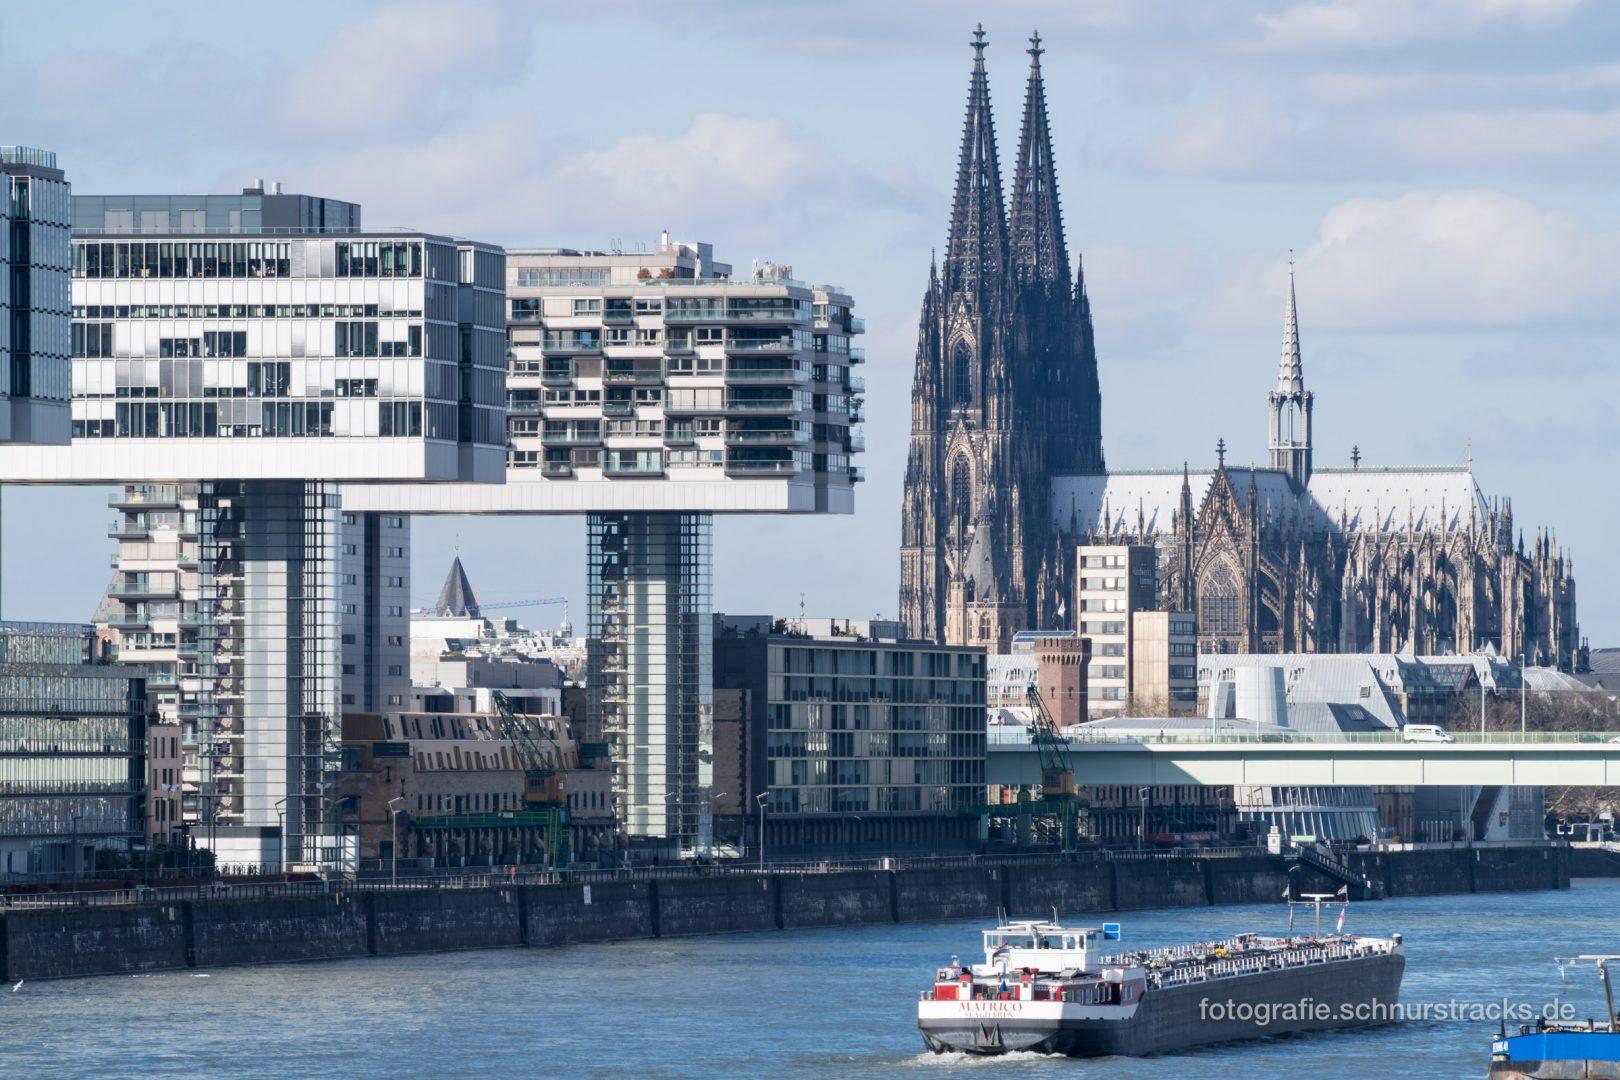 Kranhäuser und Kölner Dom am Rhein #0989